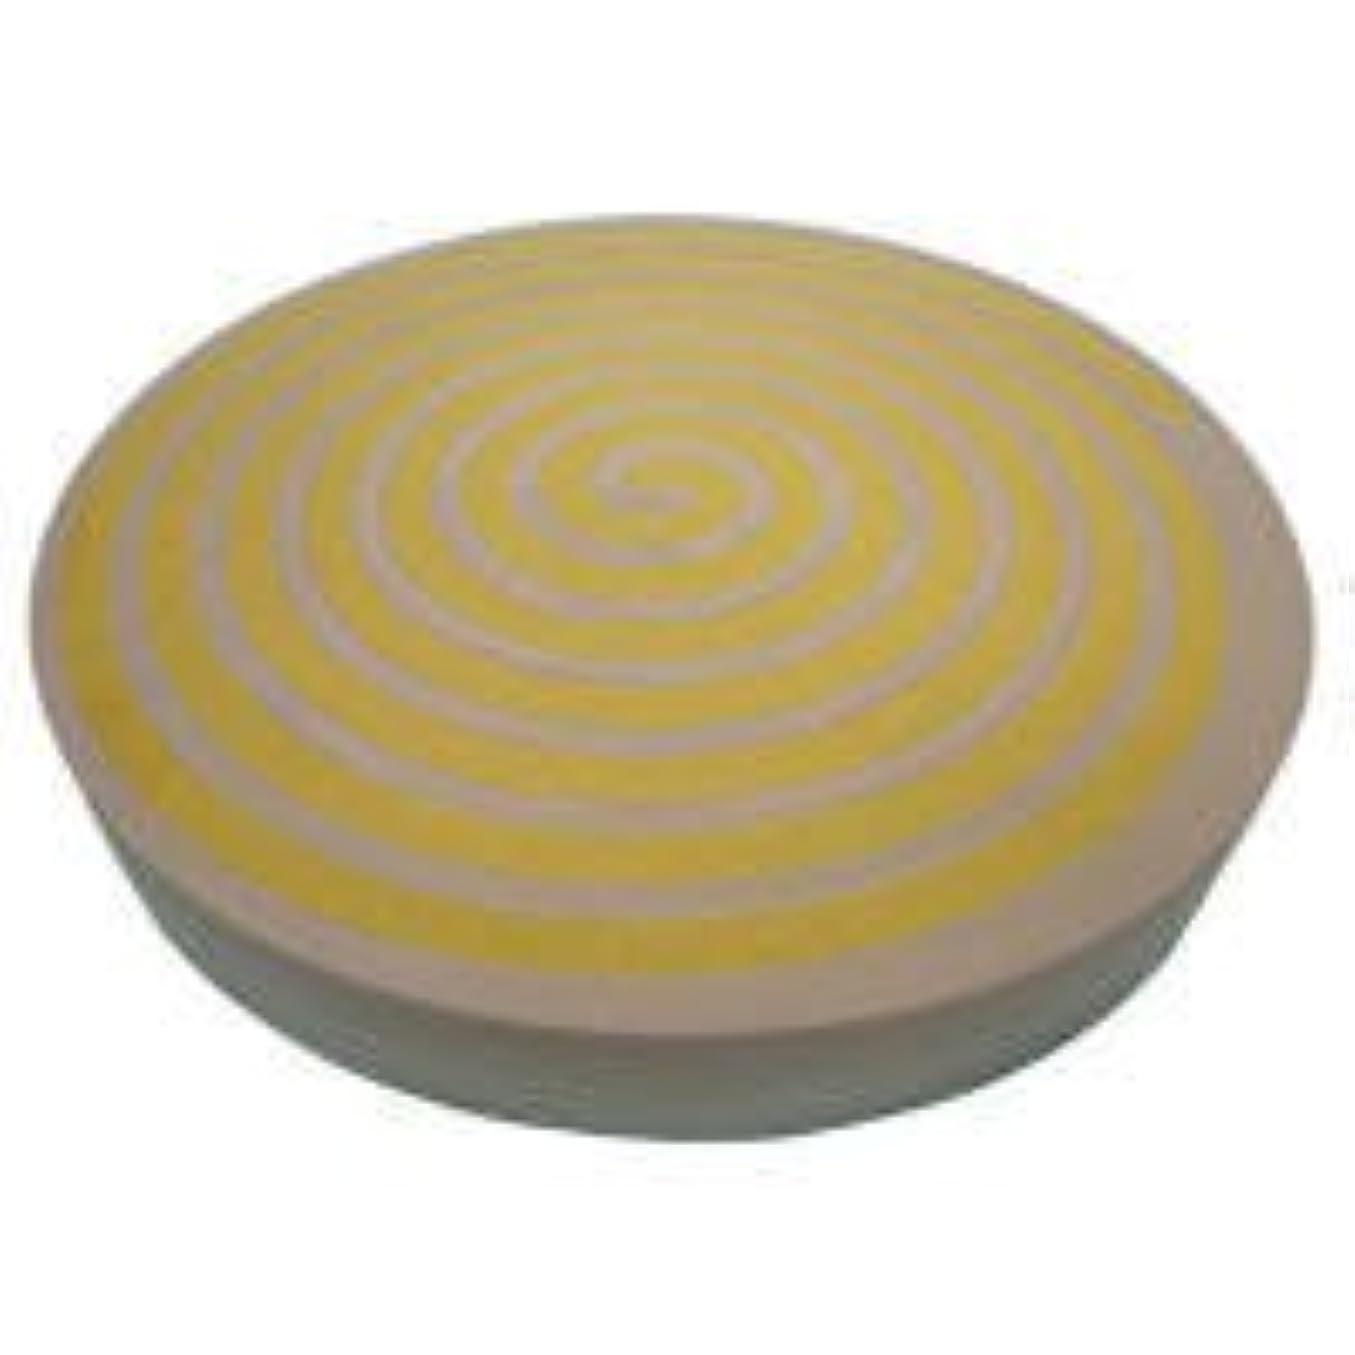 不愉快にアノイ終了しましたAzenta Products 42706 ~ 6 Hour Spiral ~ 6 Hour Powder Incense Stone Burner by Azenta